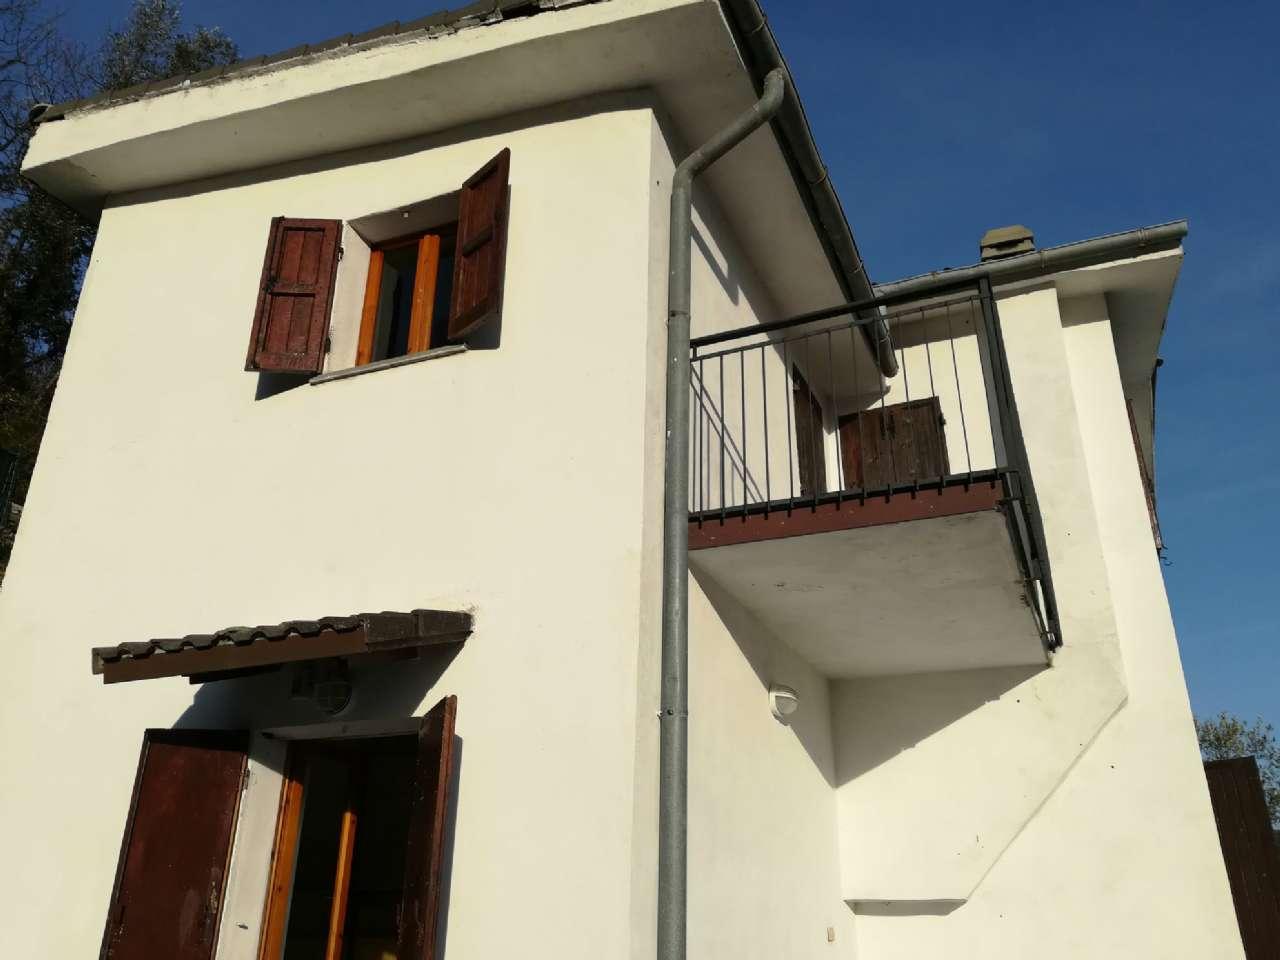 Villa in vendita a Recco, 6 locali, prezzo € 145.000 | PortaleAgenzieImmobiliari.it